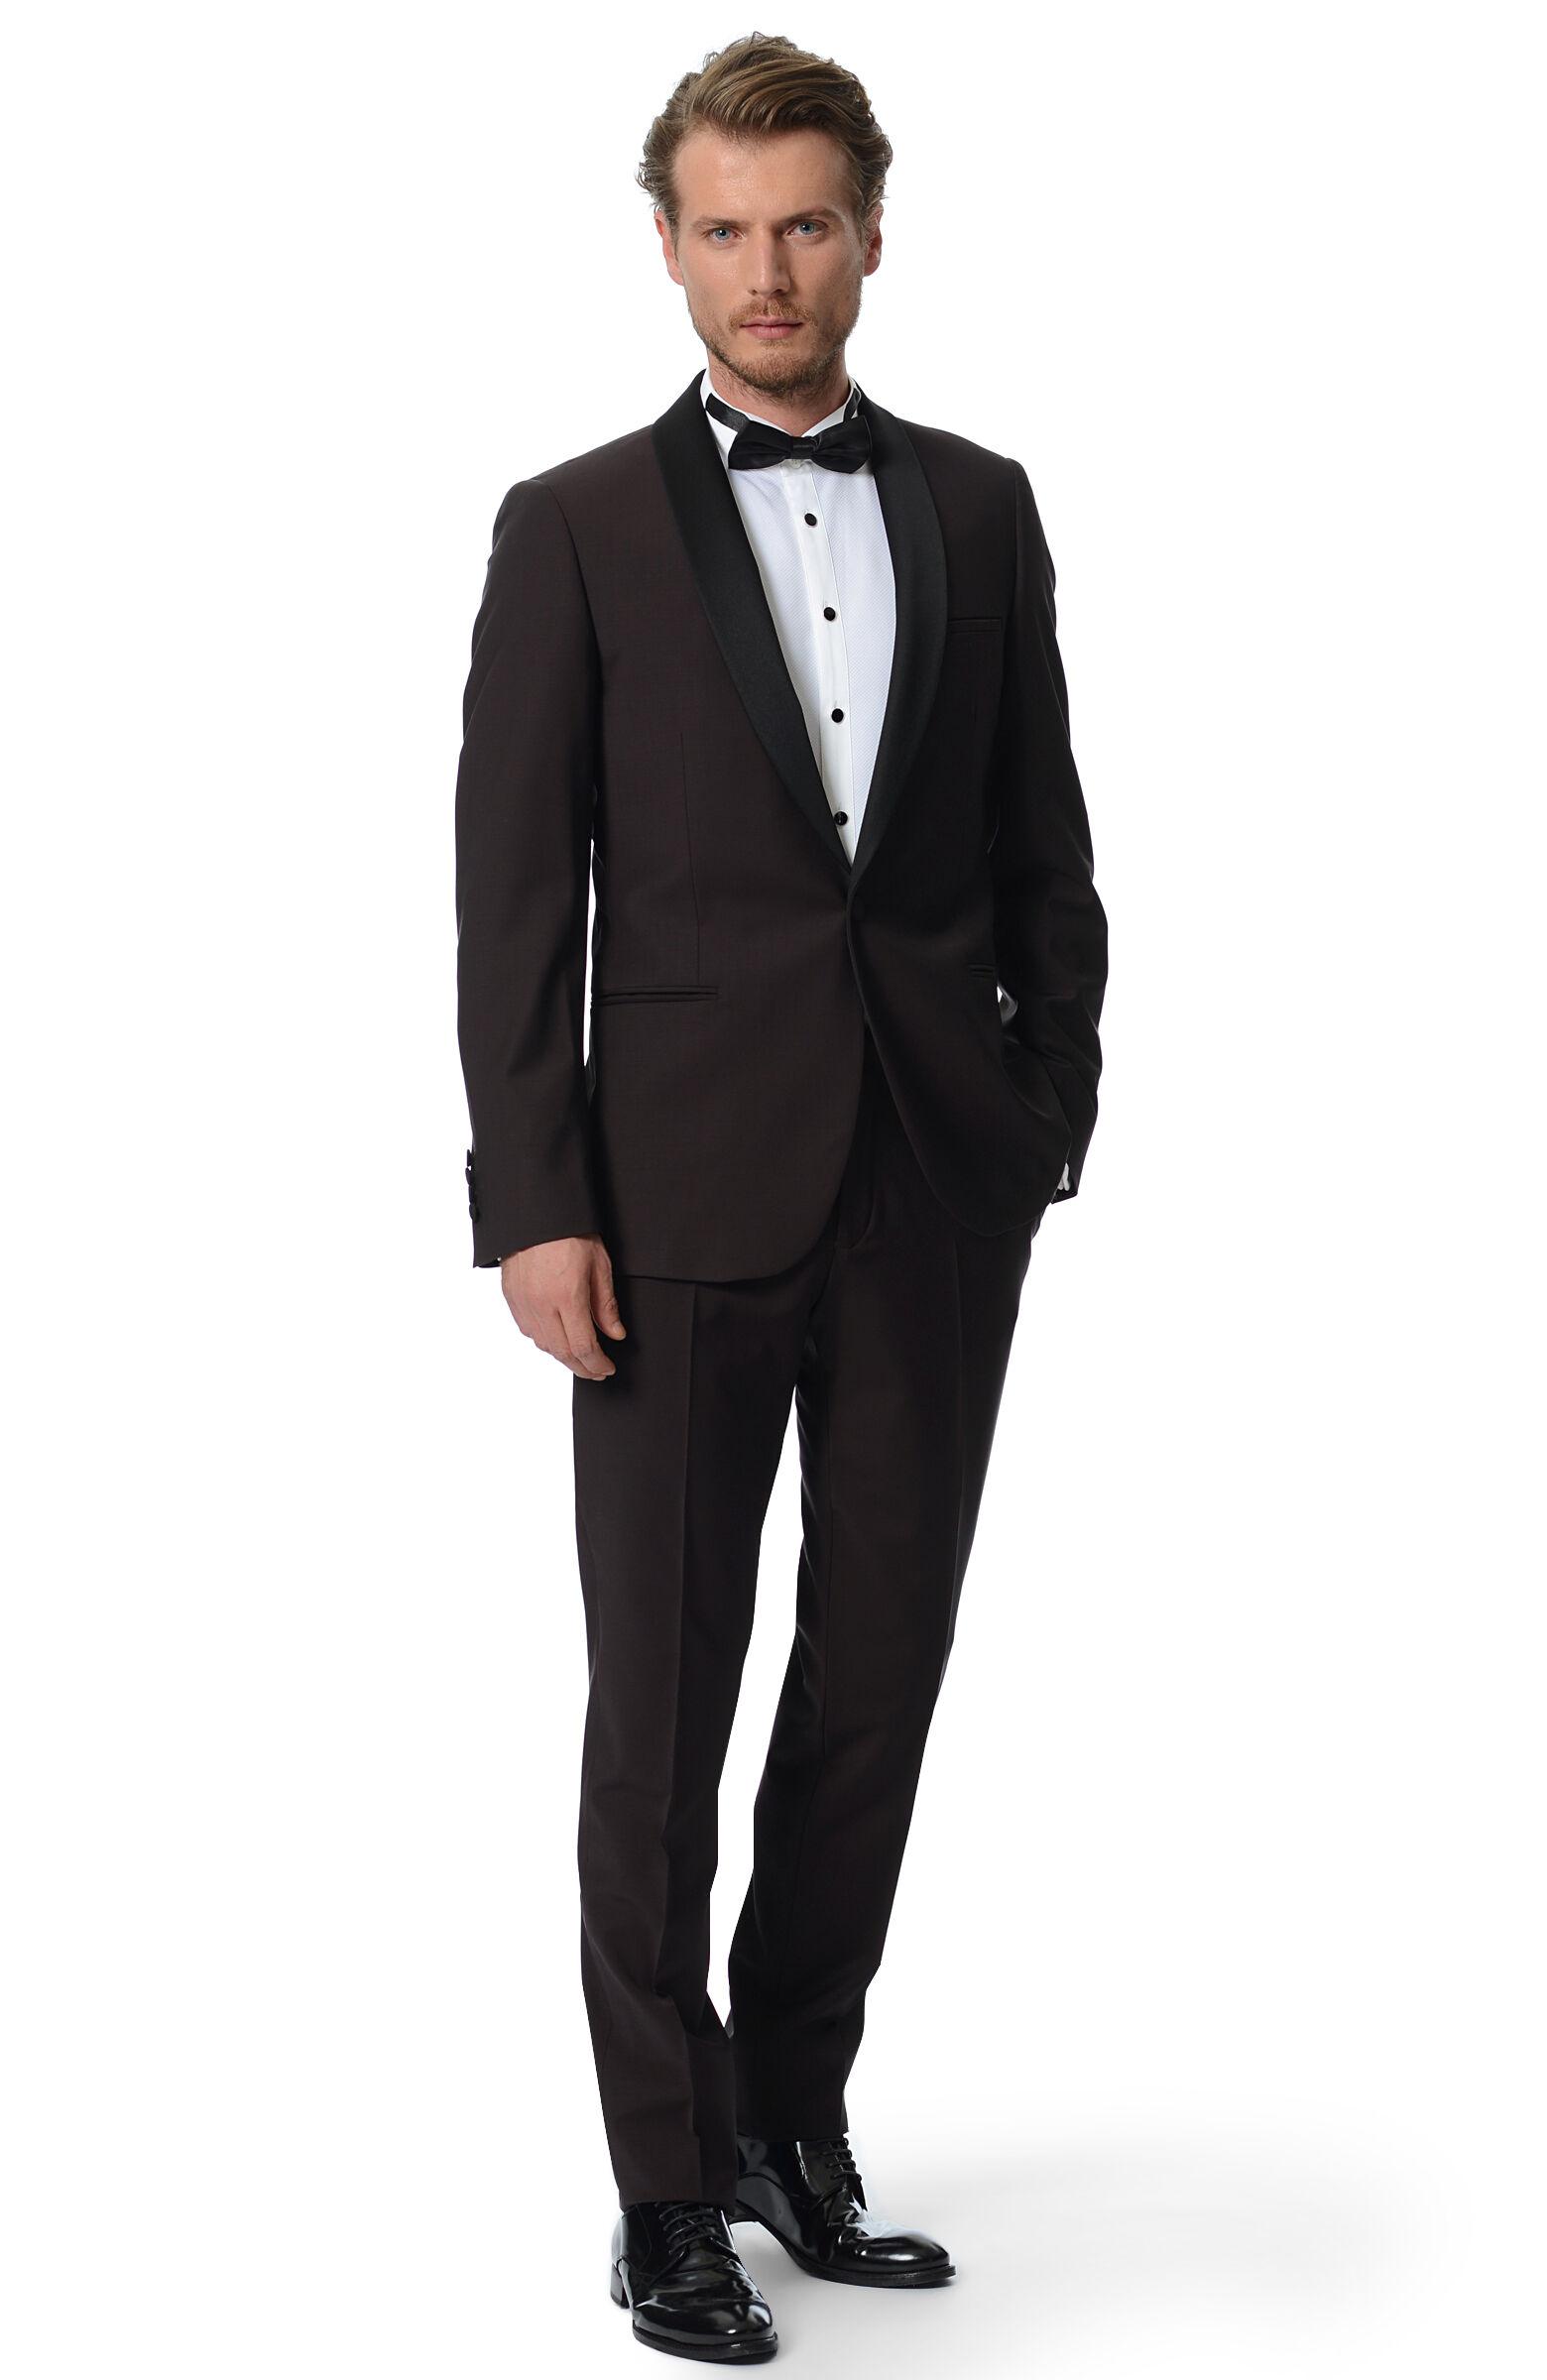 48 6N erkek Bordo NetWork ERKEK Üst Giyim Smokin Takım Elbise